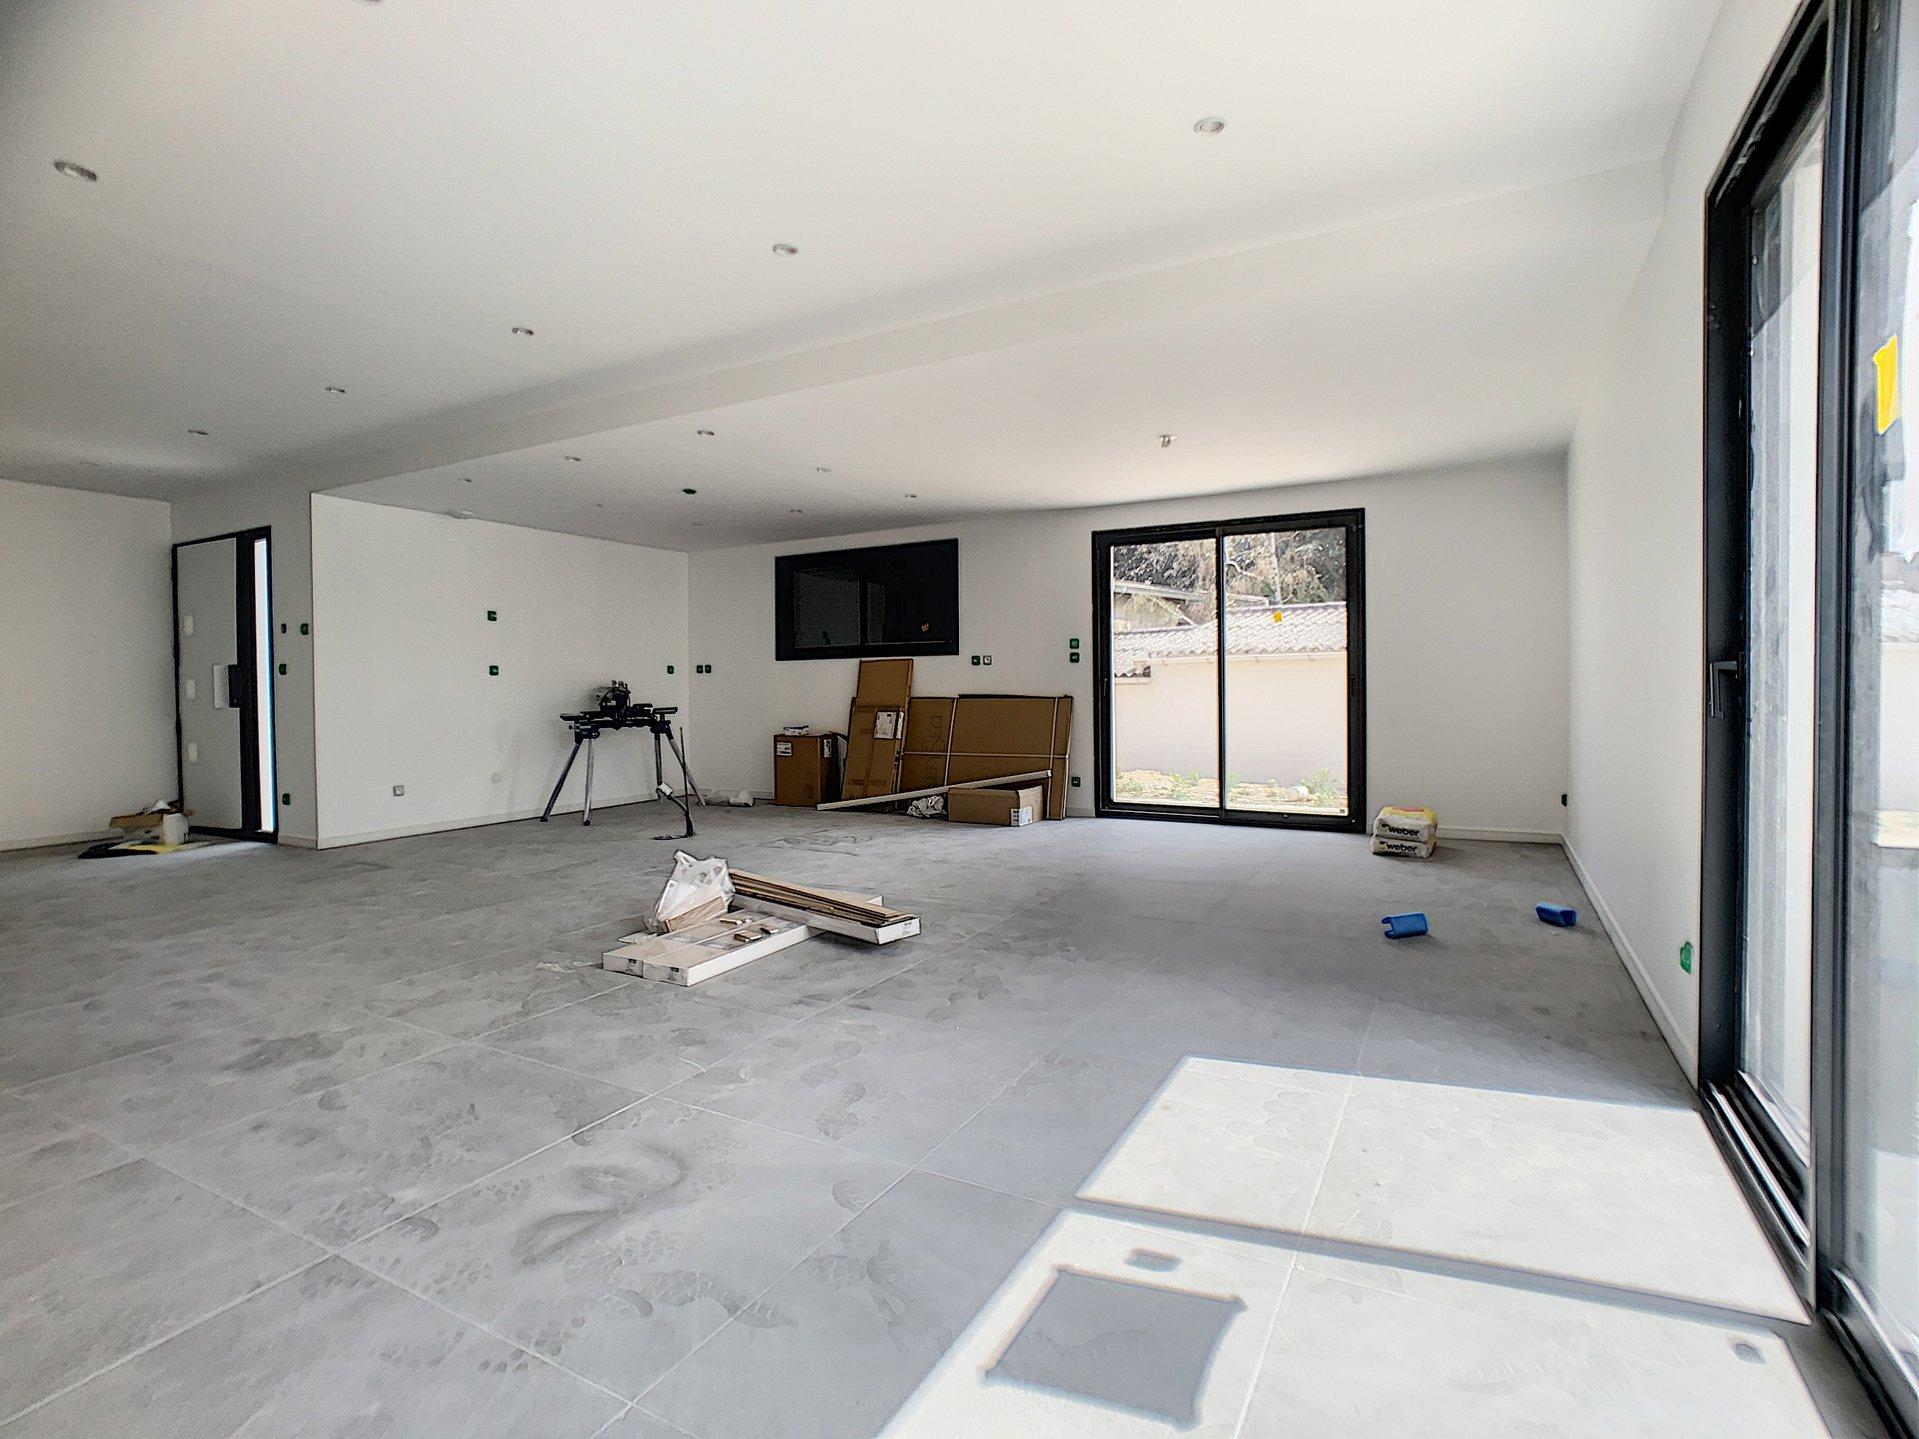 Maison Neuve en cours  d'achèvement